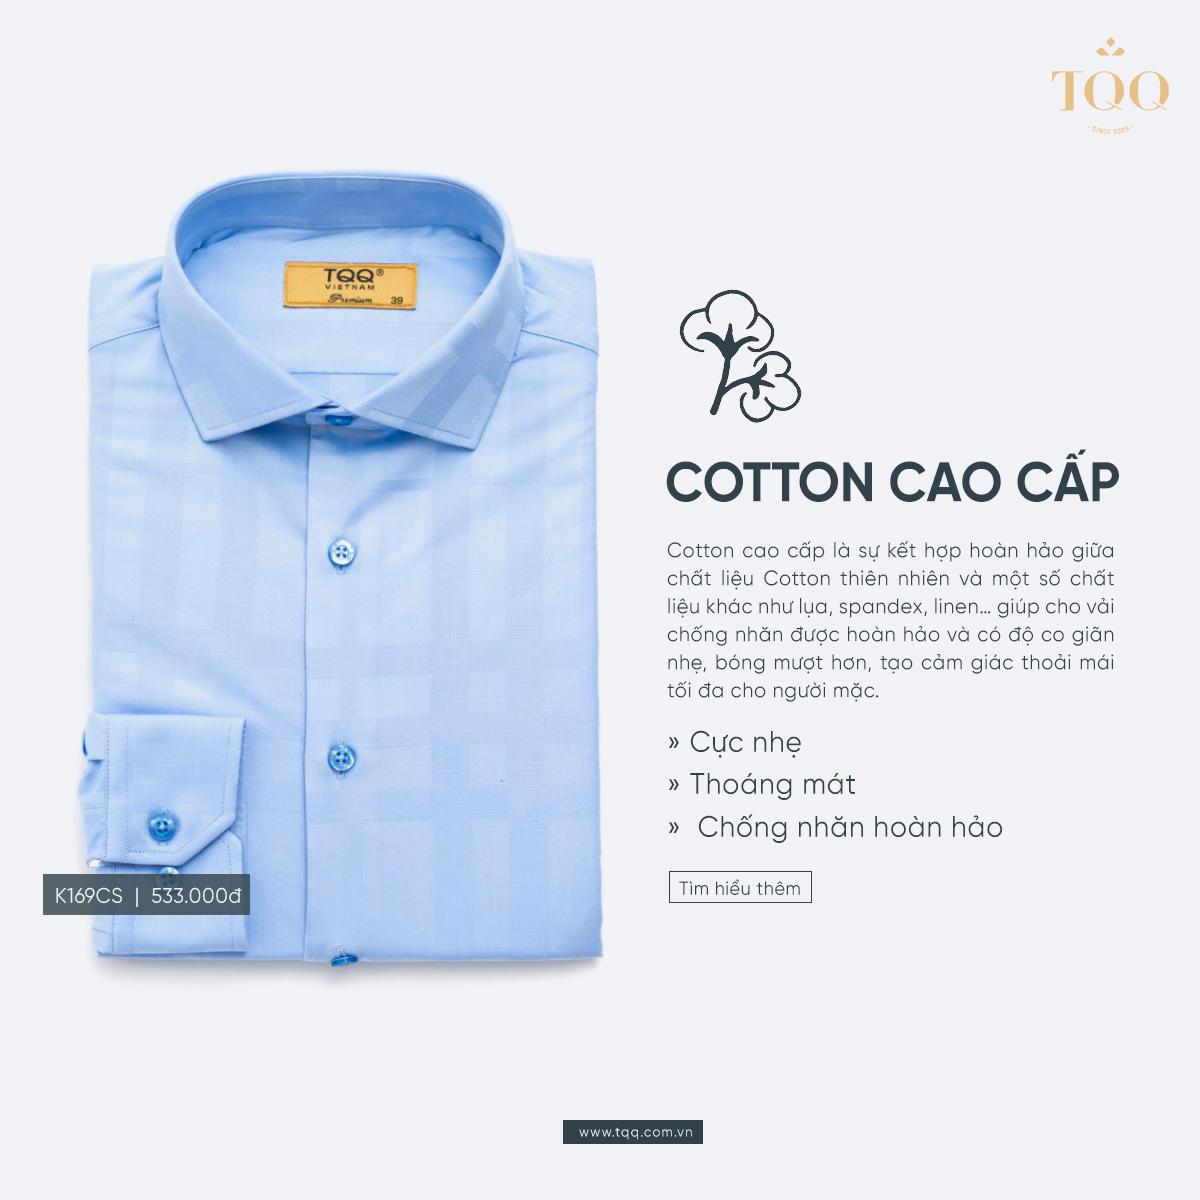 Chất liệu cotton cao cấp có khả năng chống nhăn tốt, mang đến sự chỉn chu cho quý ông